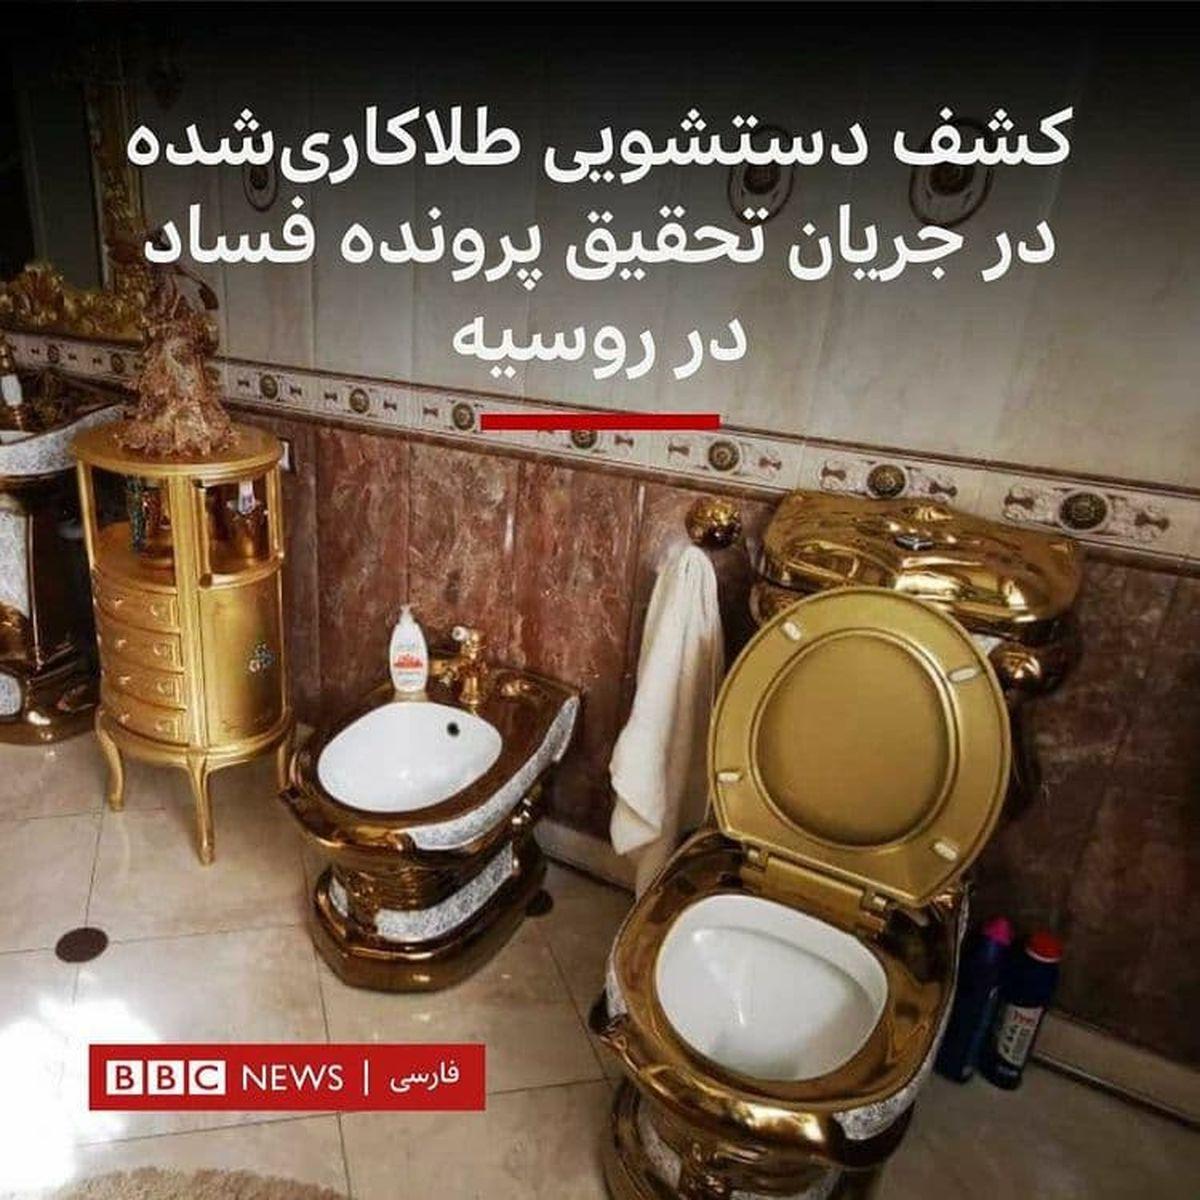 پیدا شدن دستشویی طلاکاری شده در خانه مفسد اقتصادی +عکس